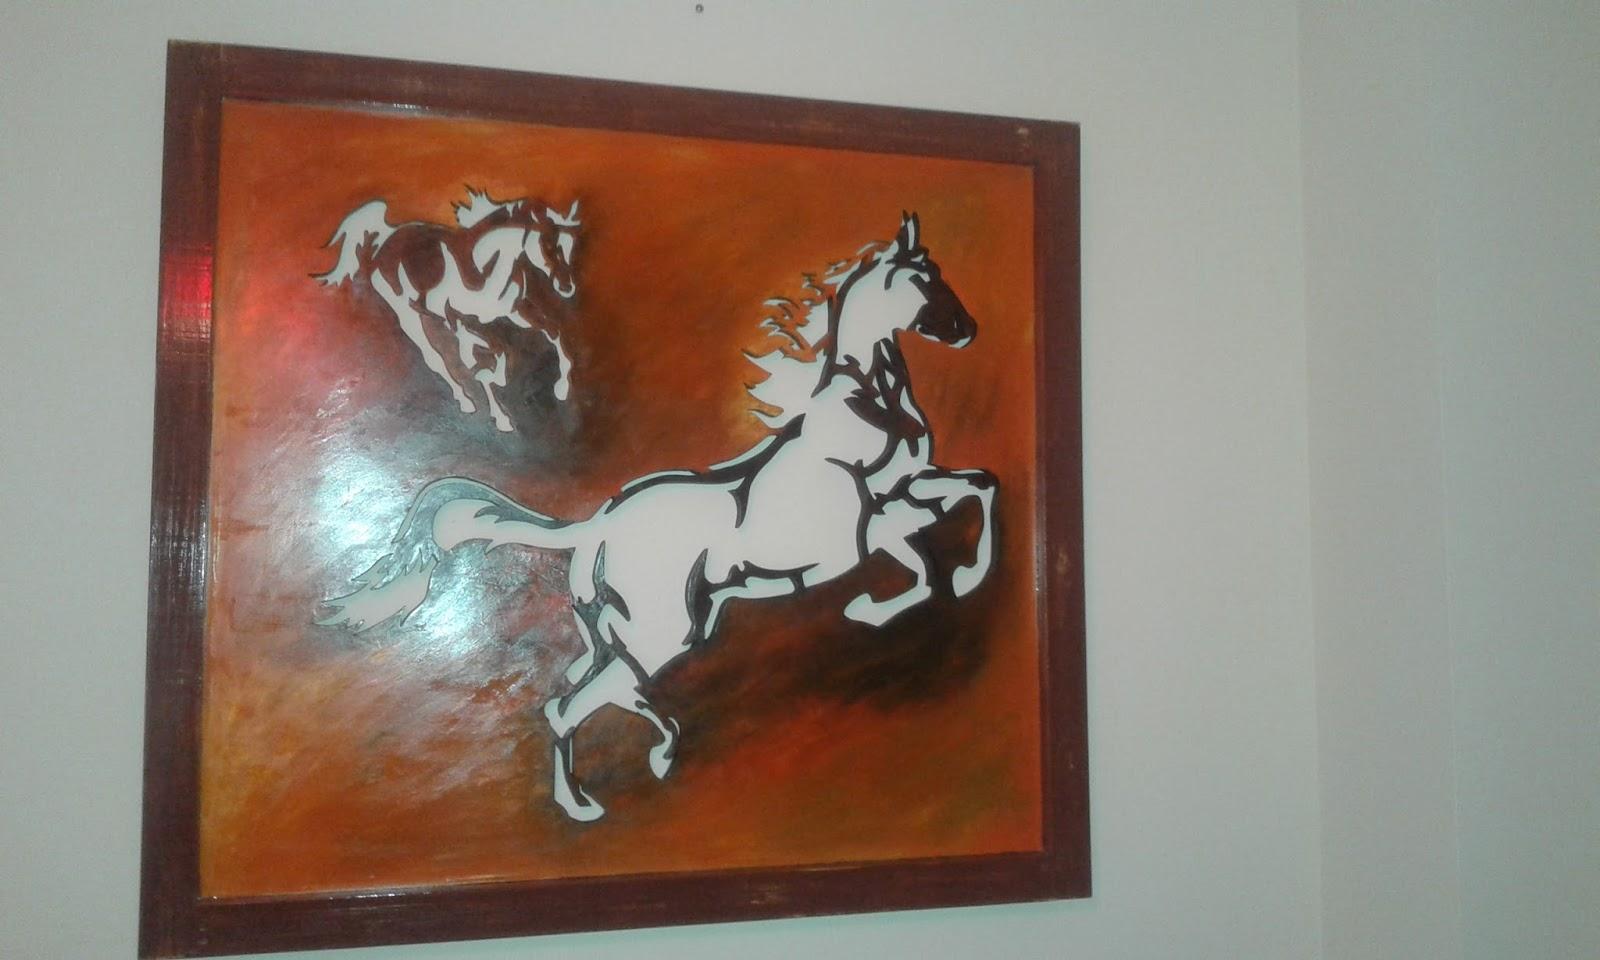 Arte diseños cuadros decorativo originales